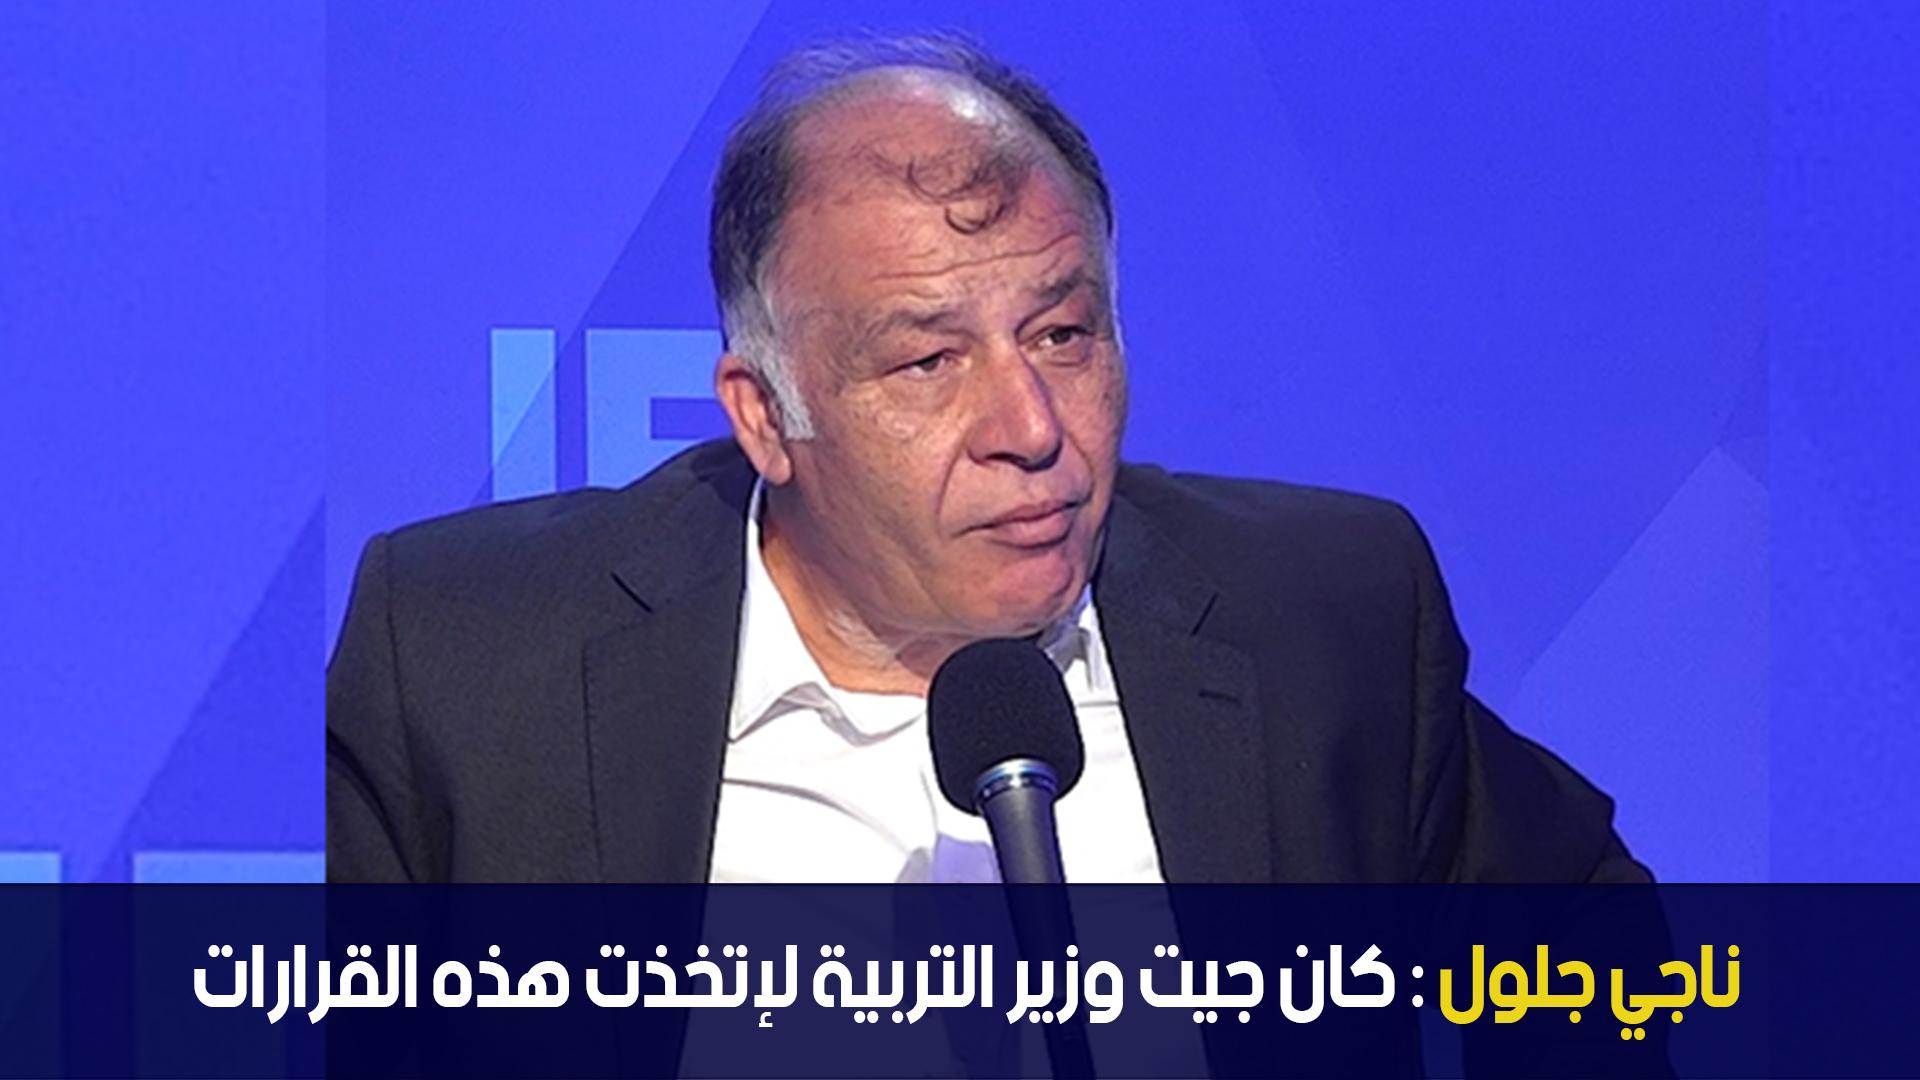 ناجي جلول : كان جيت وزير التربية لإتخذت هذه القرارات